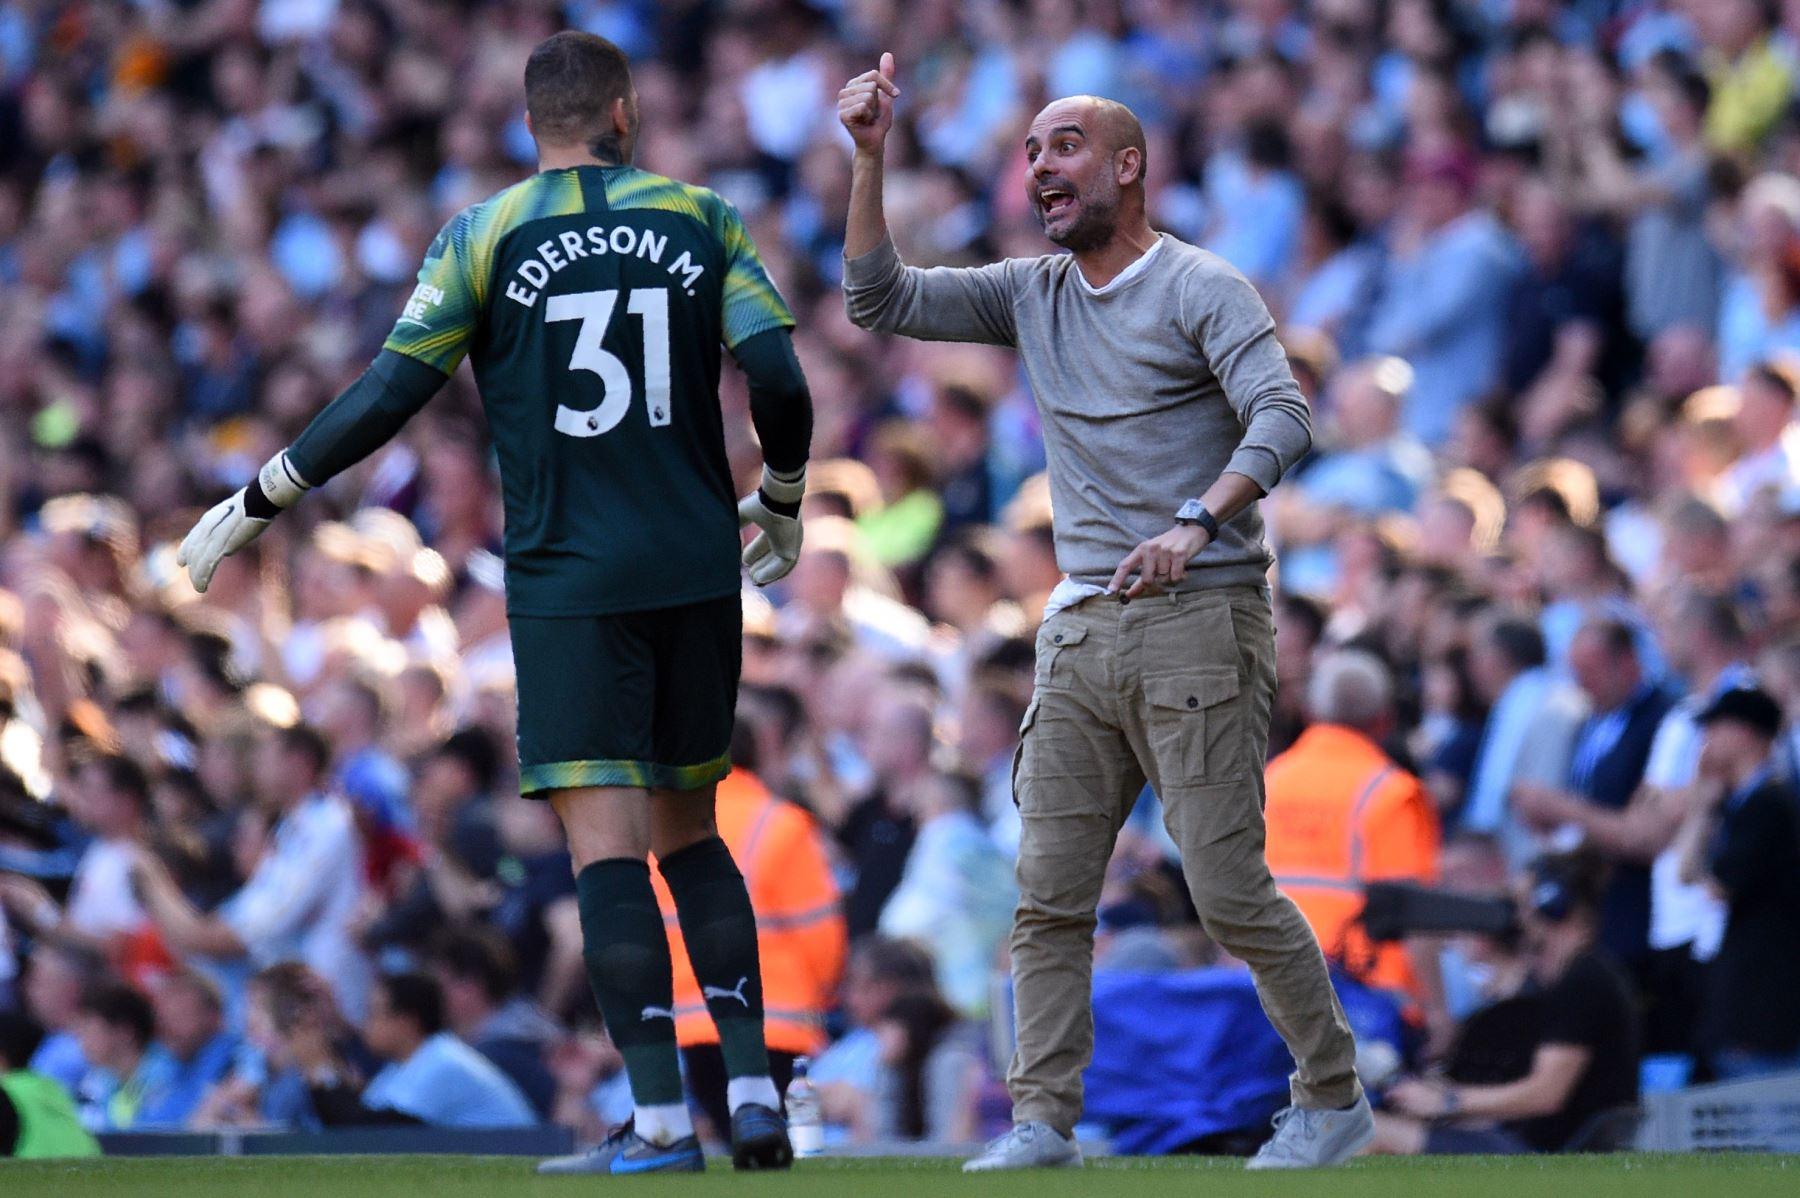 El manager español del Manchester City, Pep Guardiola (R), le hace un gesto al arquero brasileño del Manchester City, Ederson, durante el partido de fútbol de la Premier League inglesa. Foto: AFP